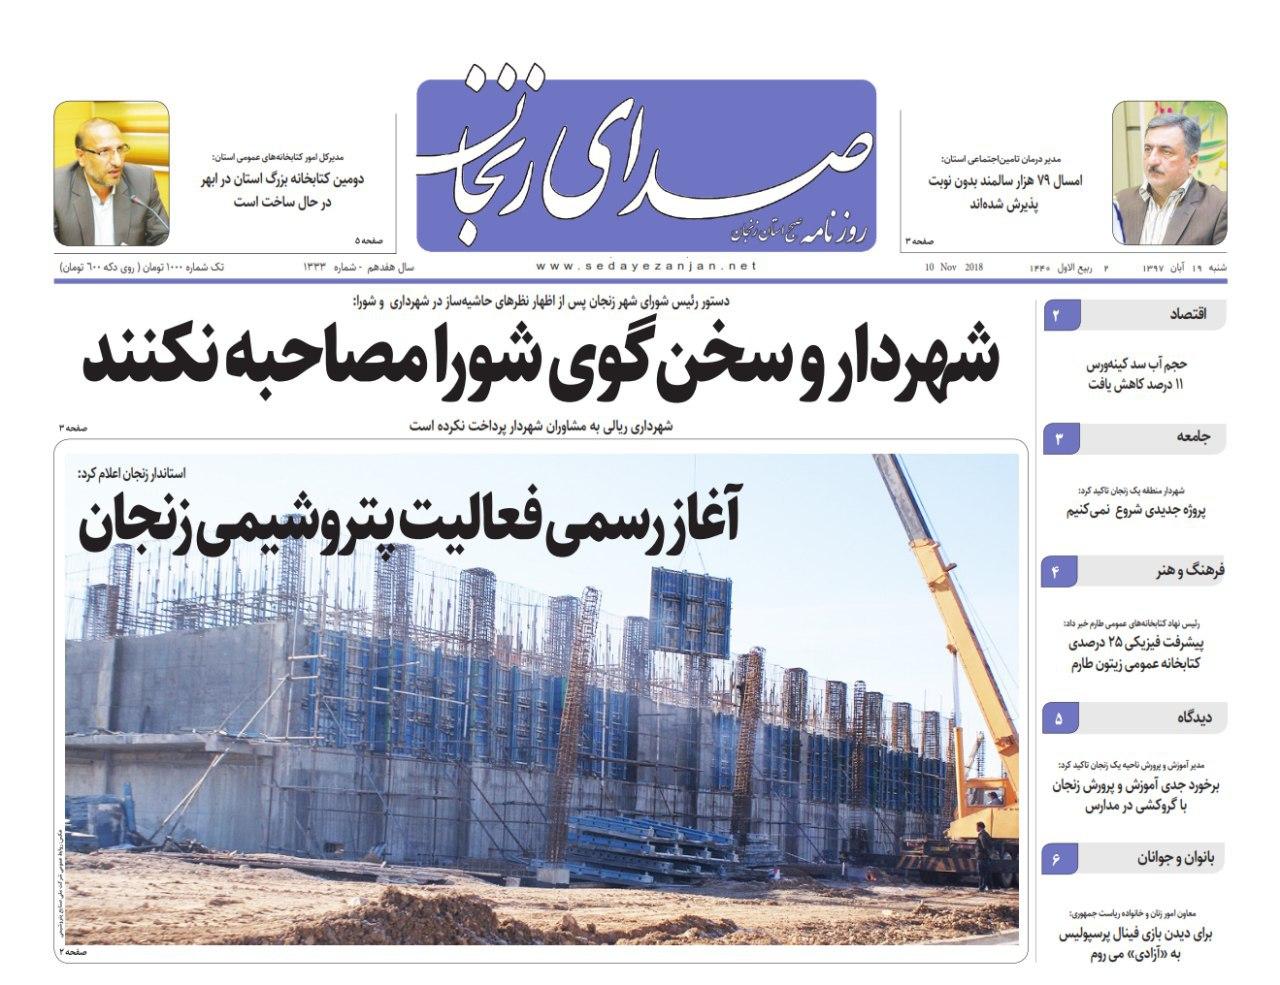 شناسایی 26 بنای تاریخی در زنجان /ساخت دومین کتابخانه بزرگ استان زنجان در ابهر